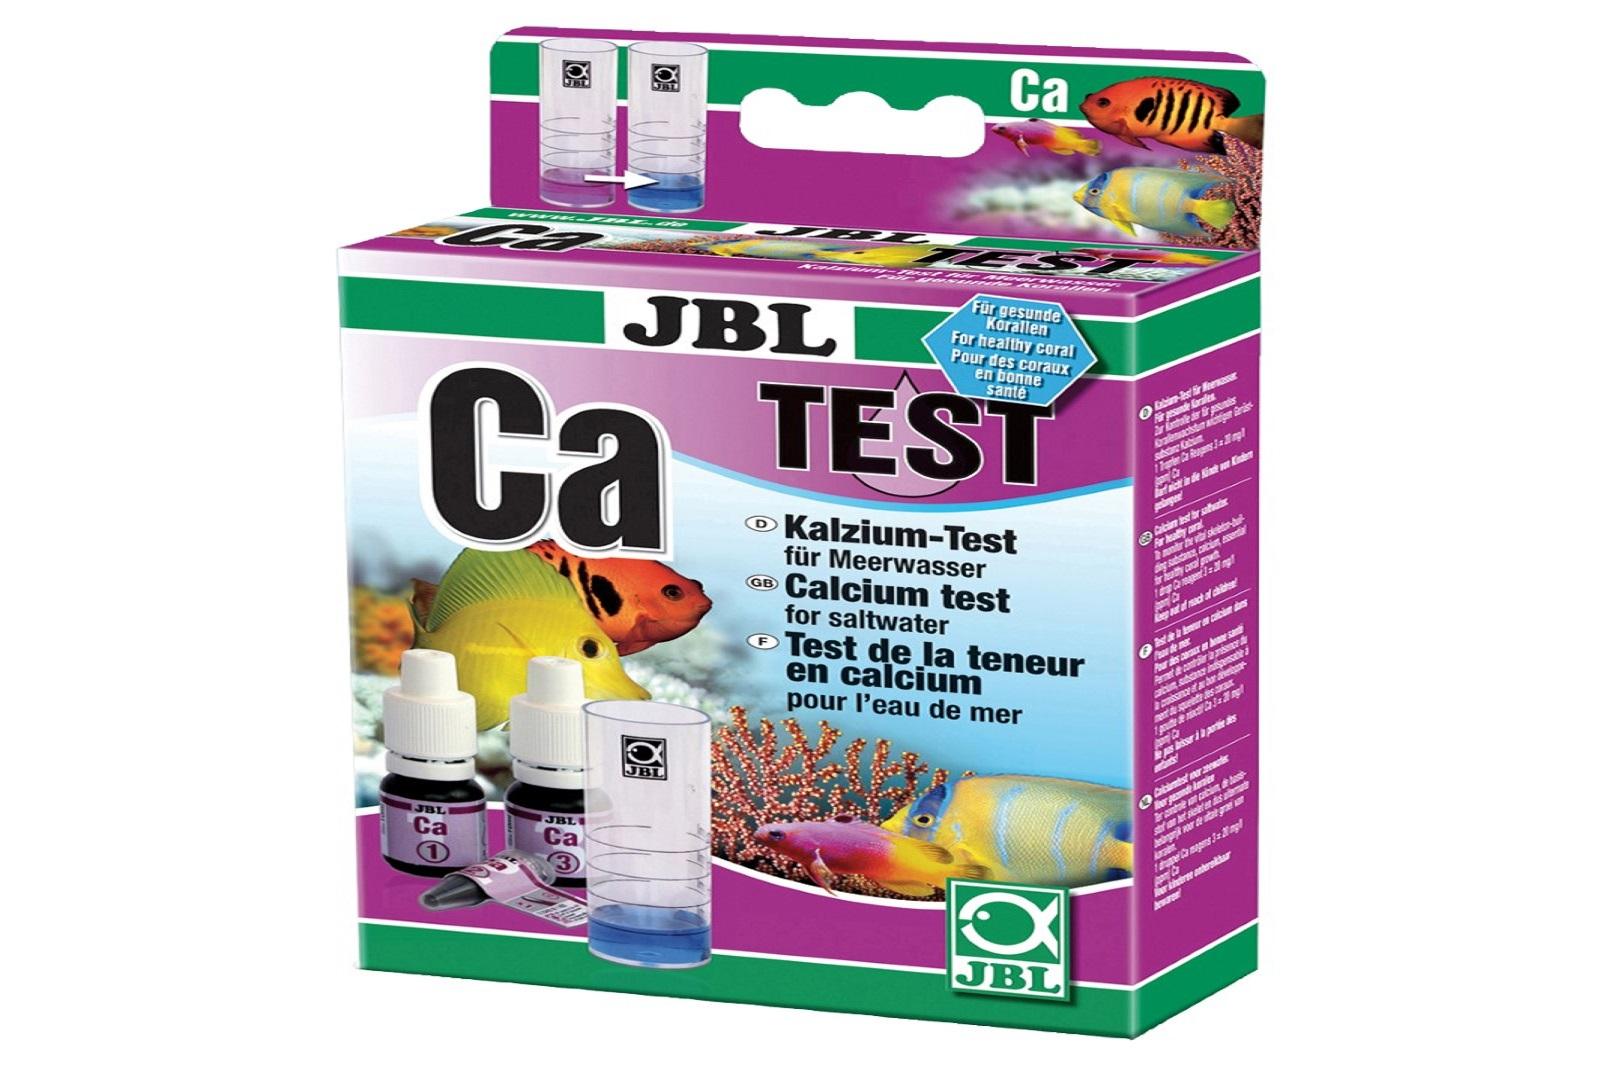 JBL Ca Kalzium Test Set